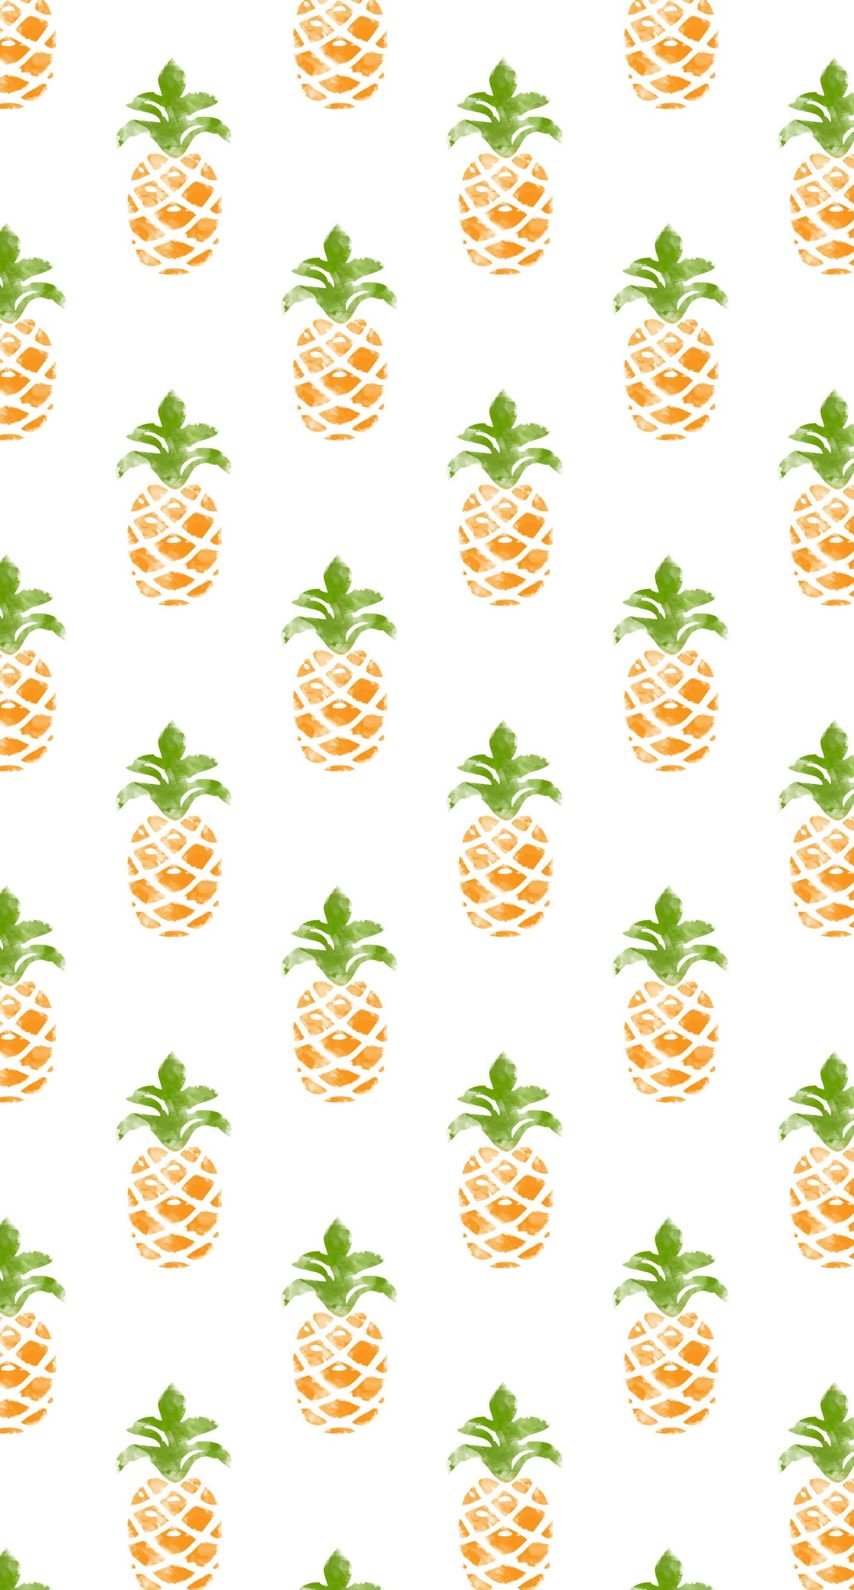 模様イラストフルーツパイナップル緑黄色女子向け Wallpaper Sc Iphone8壁紙